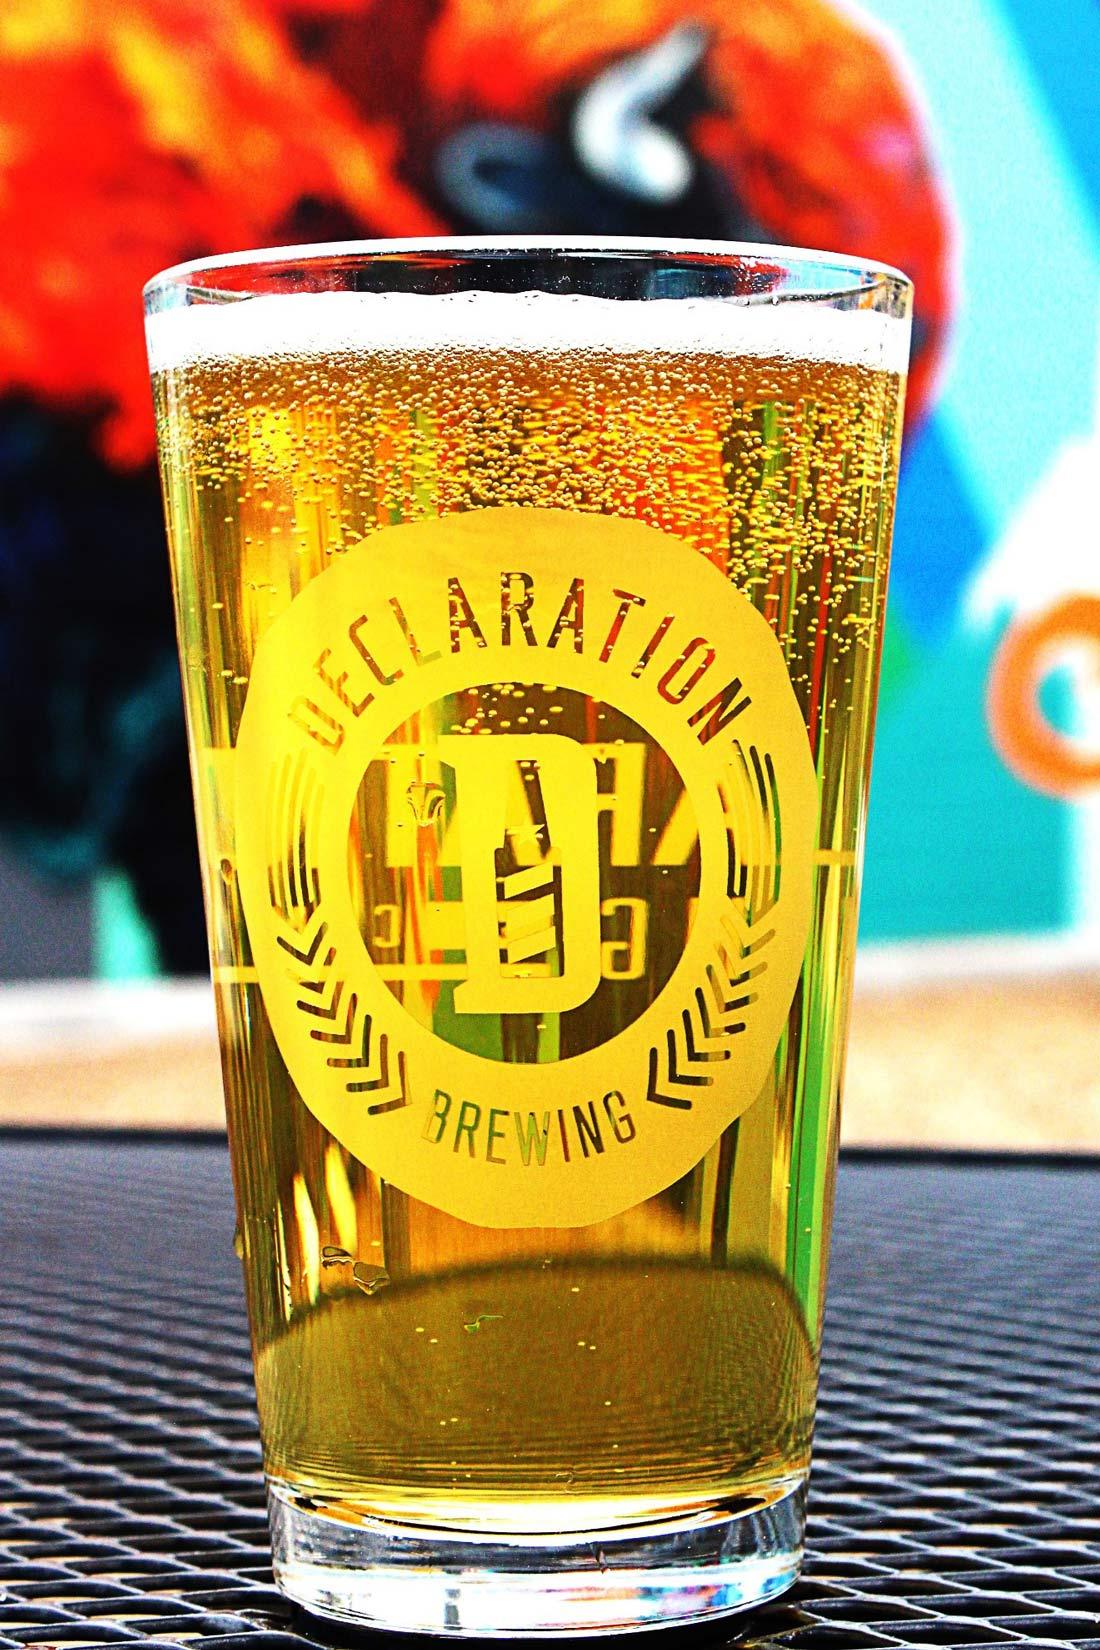 wastewater beer